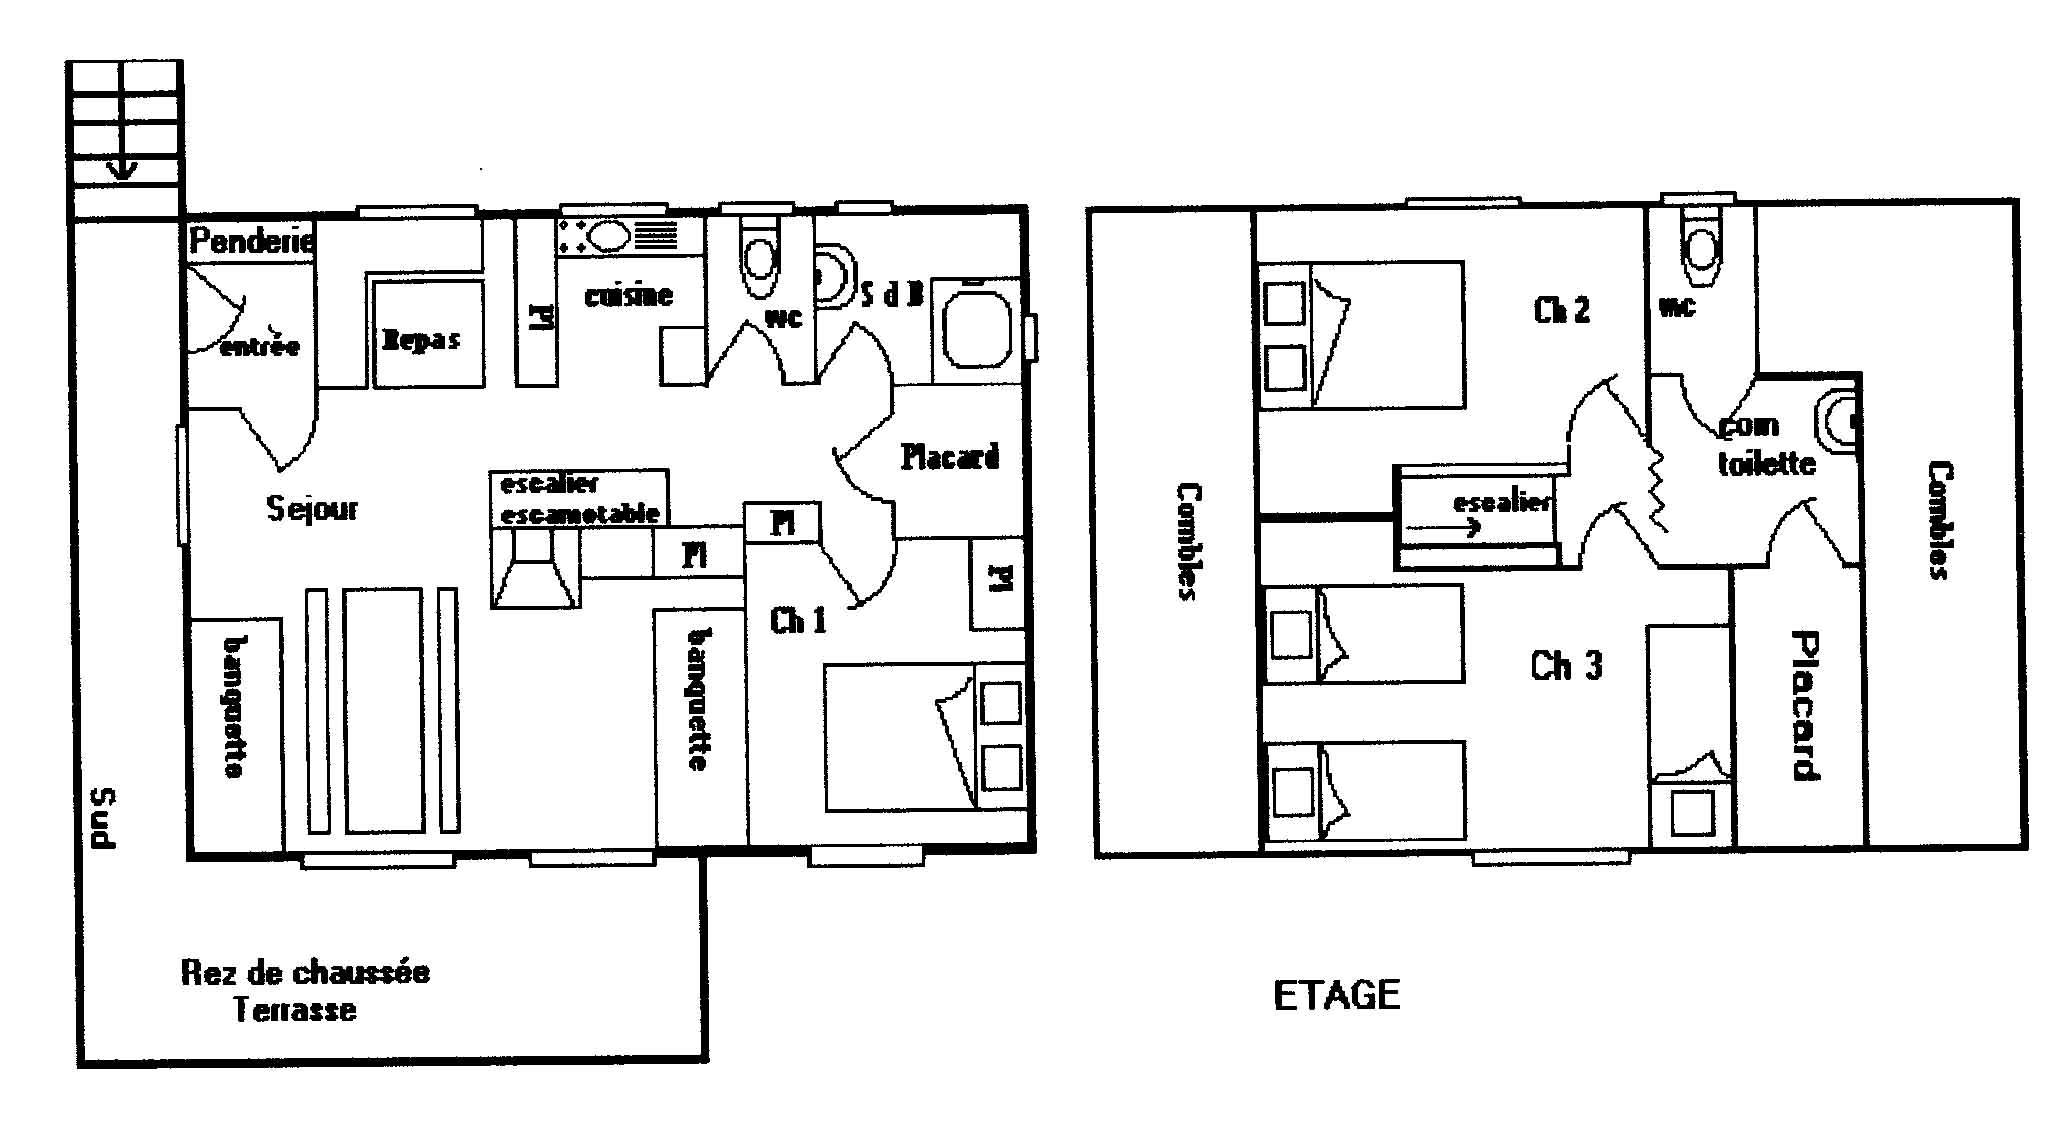 Maison chalet le revard bauges chalet 6 7 pers 80m2 for Logiciel plan maison 80m2